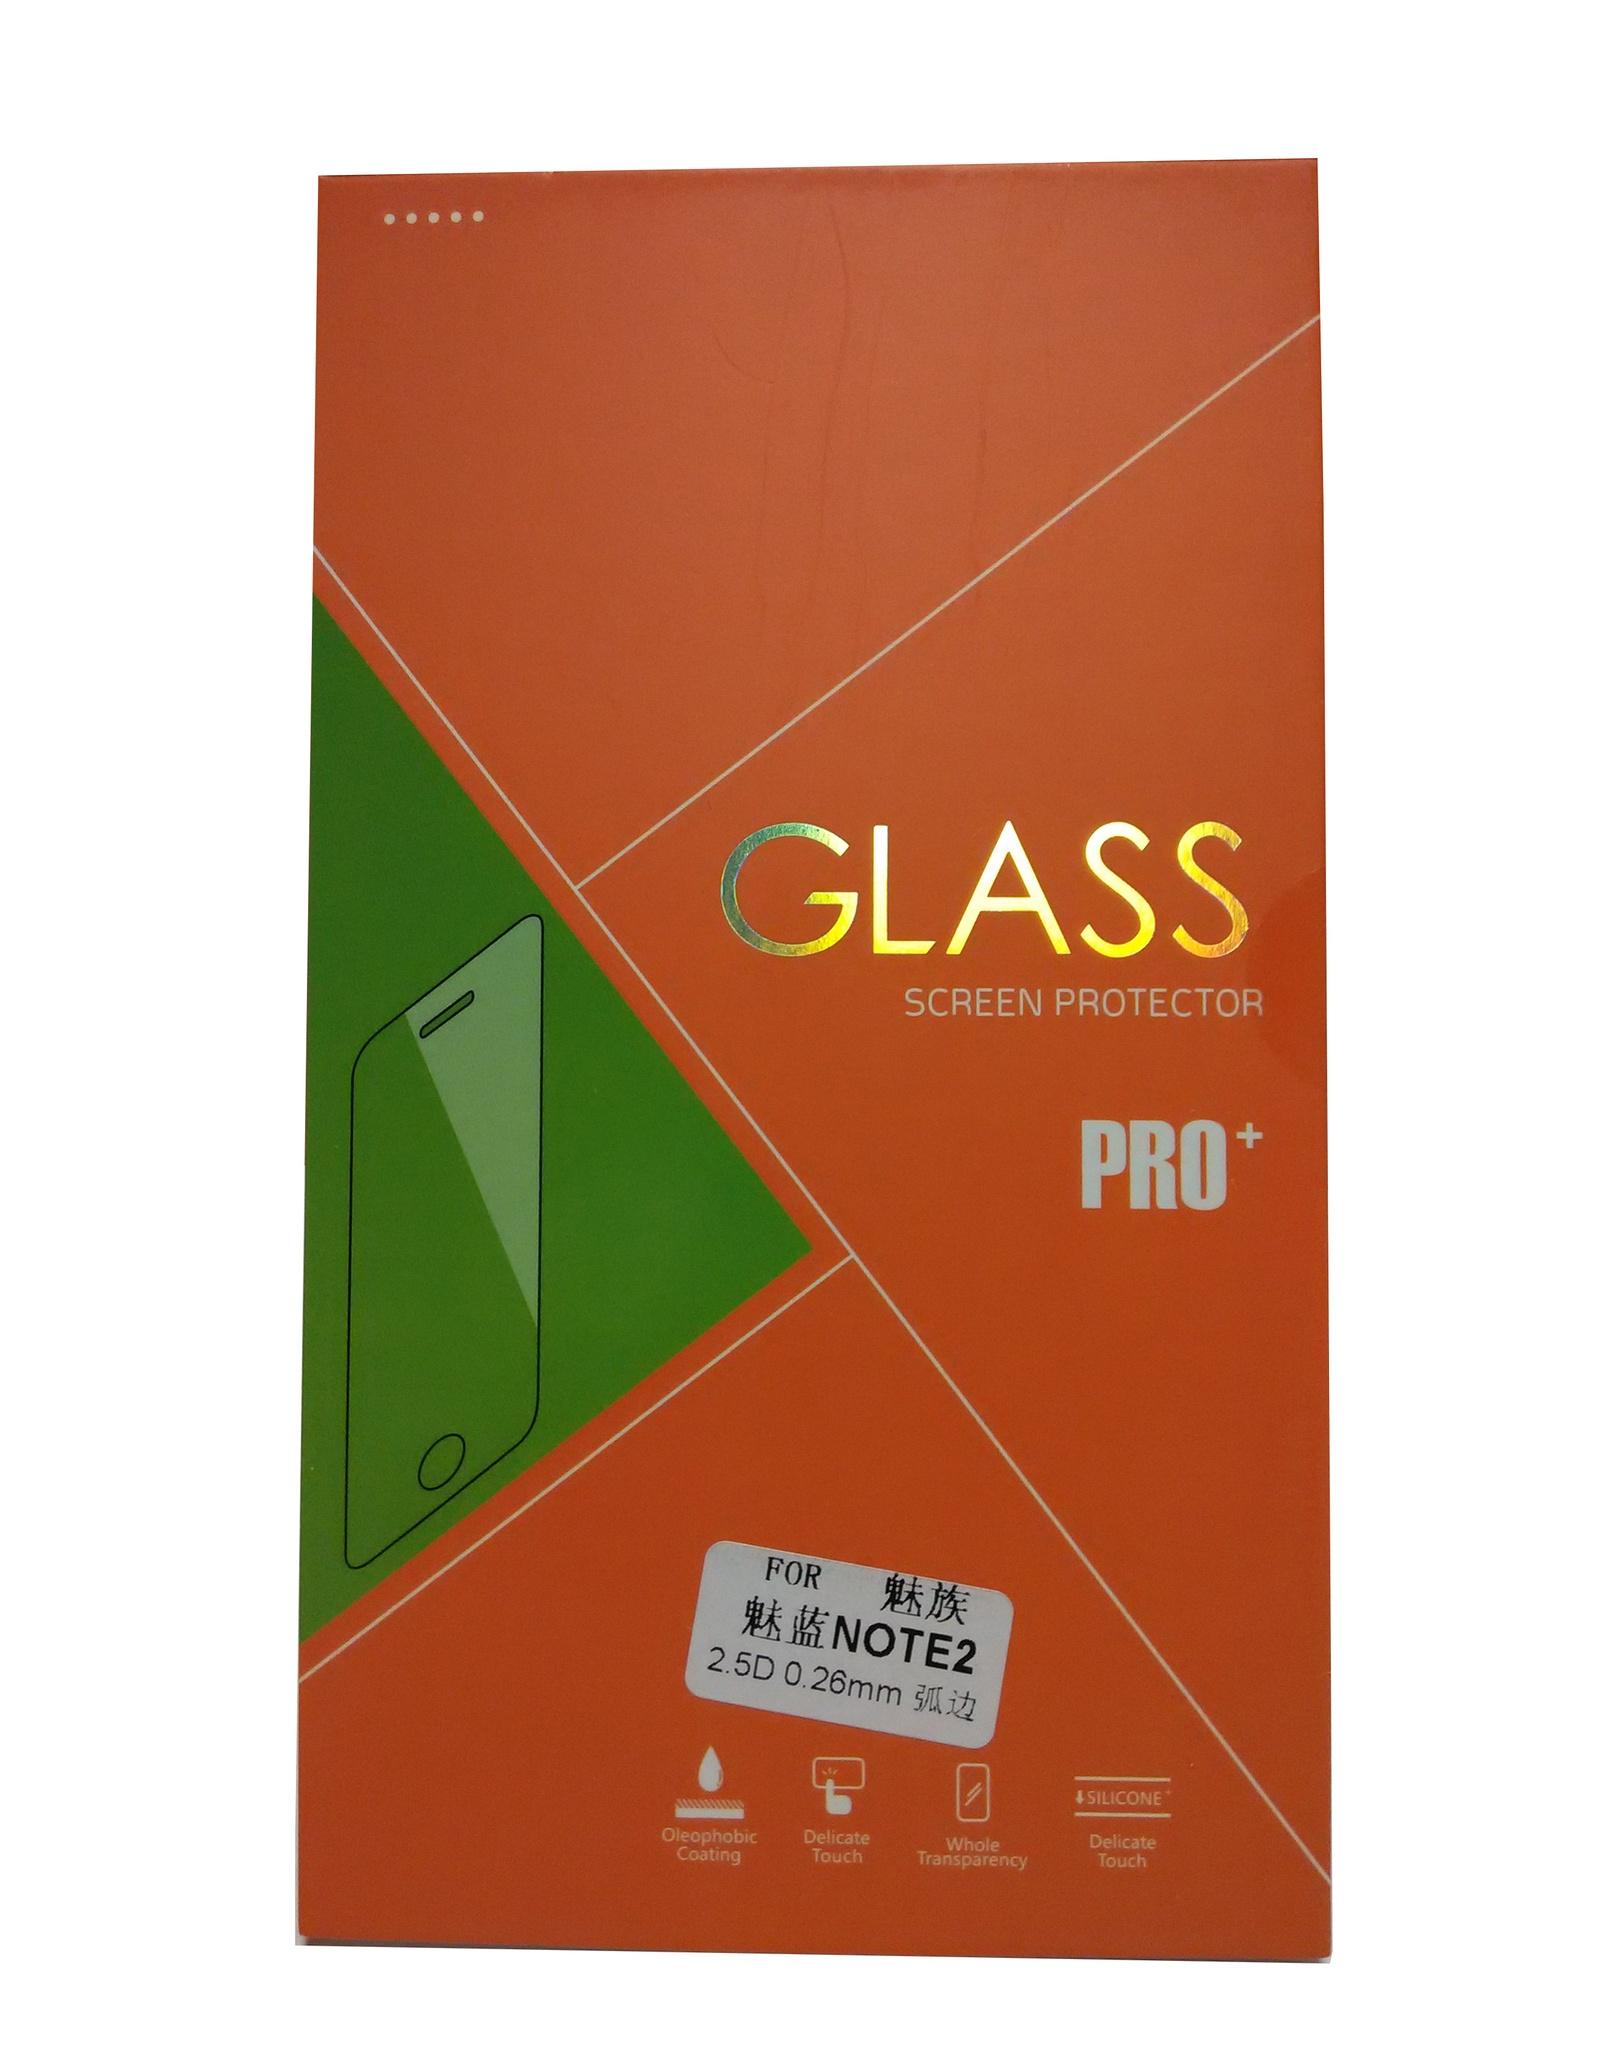 Защитное стекло для Meizu M2 note защитное стекло caseguru для meizu m2 mini